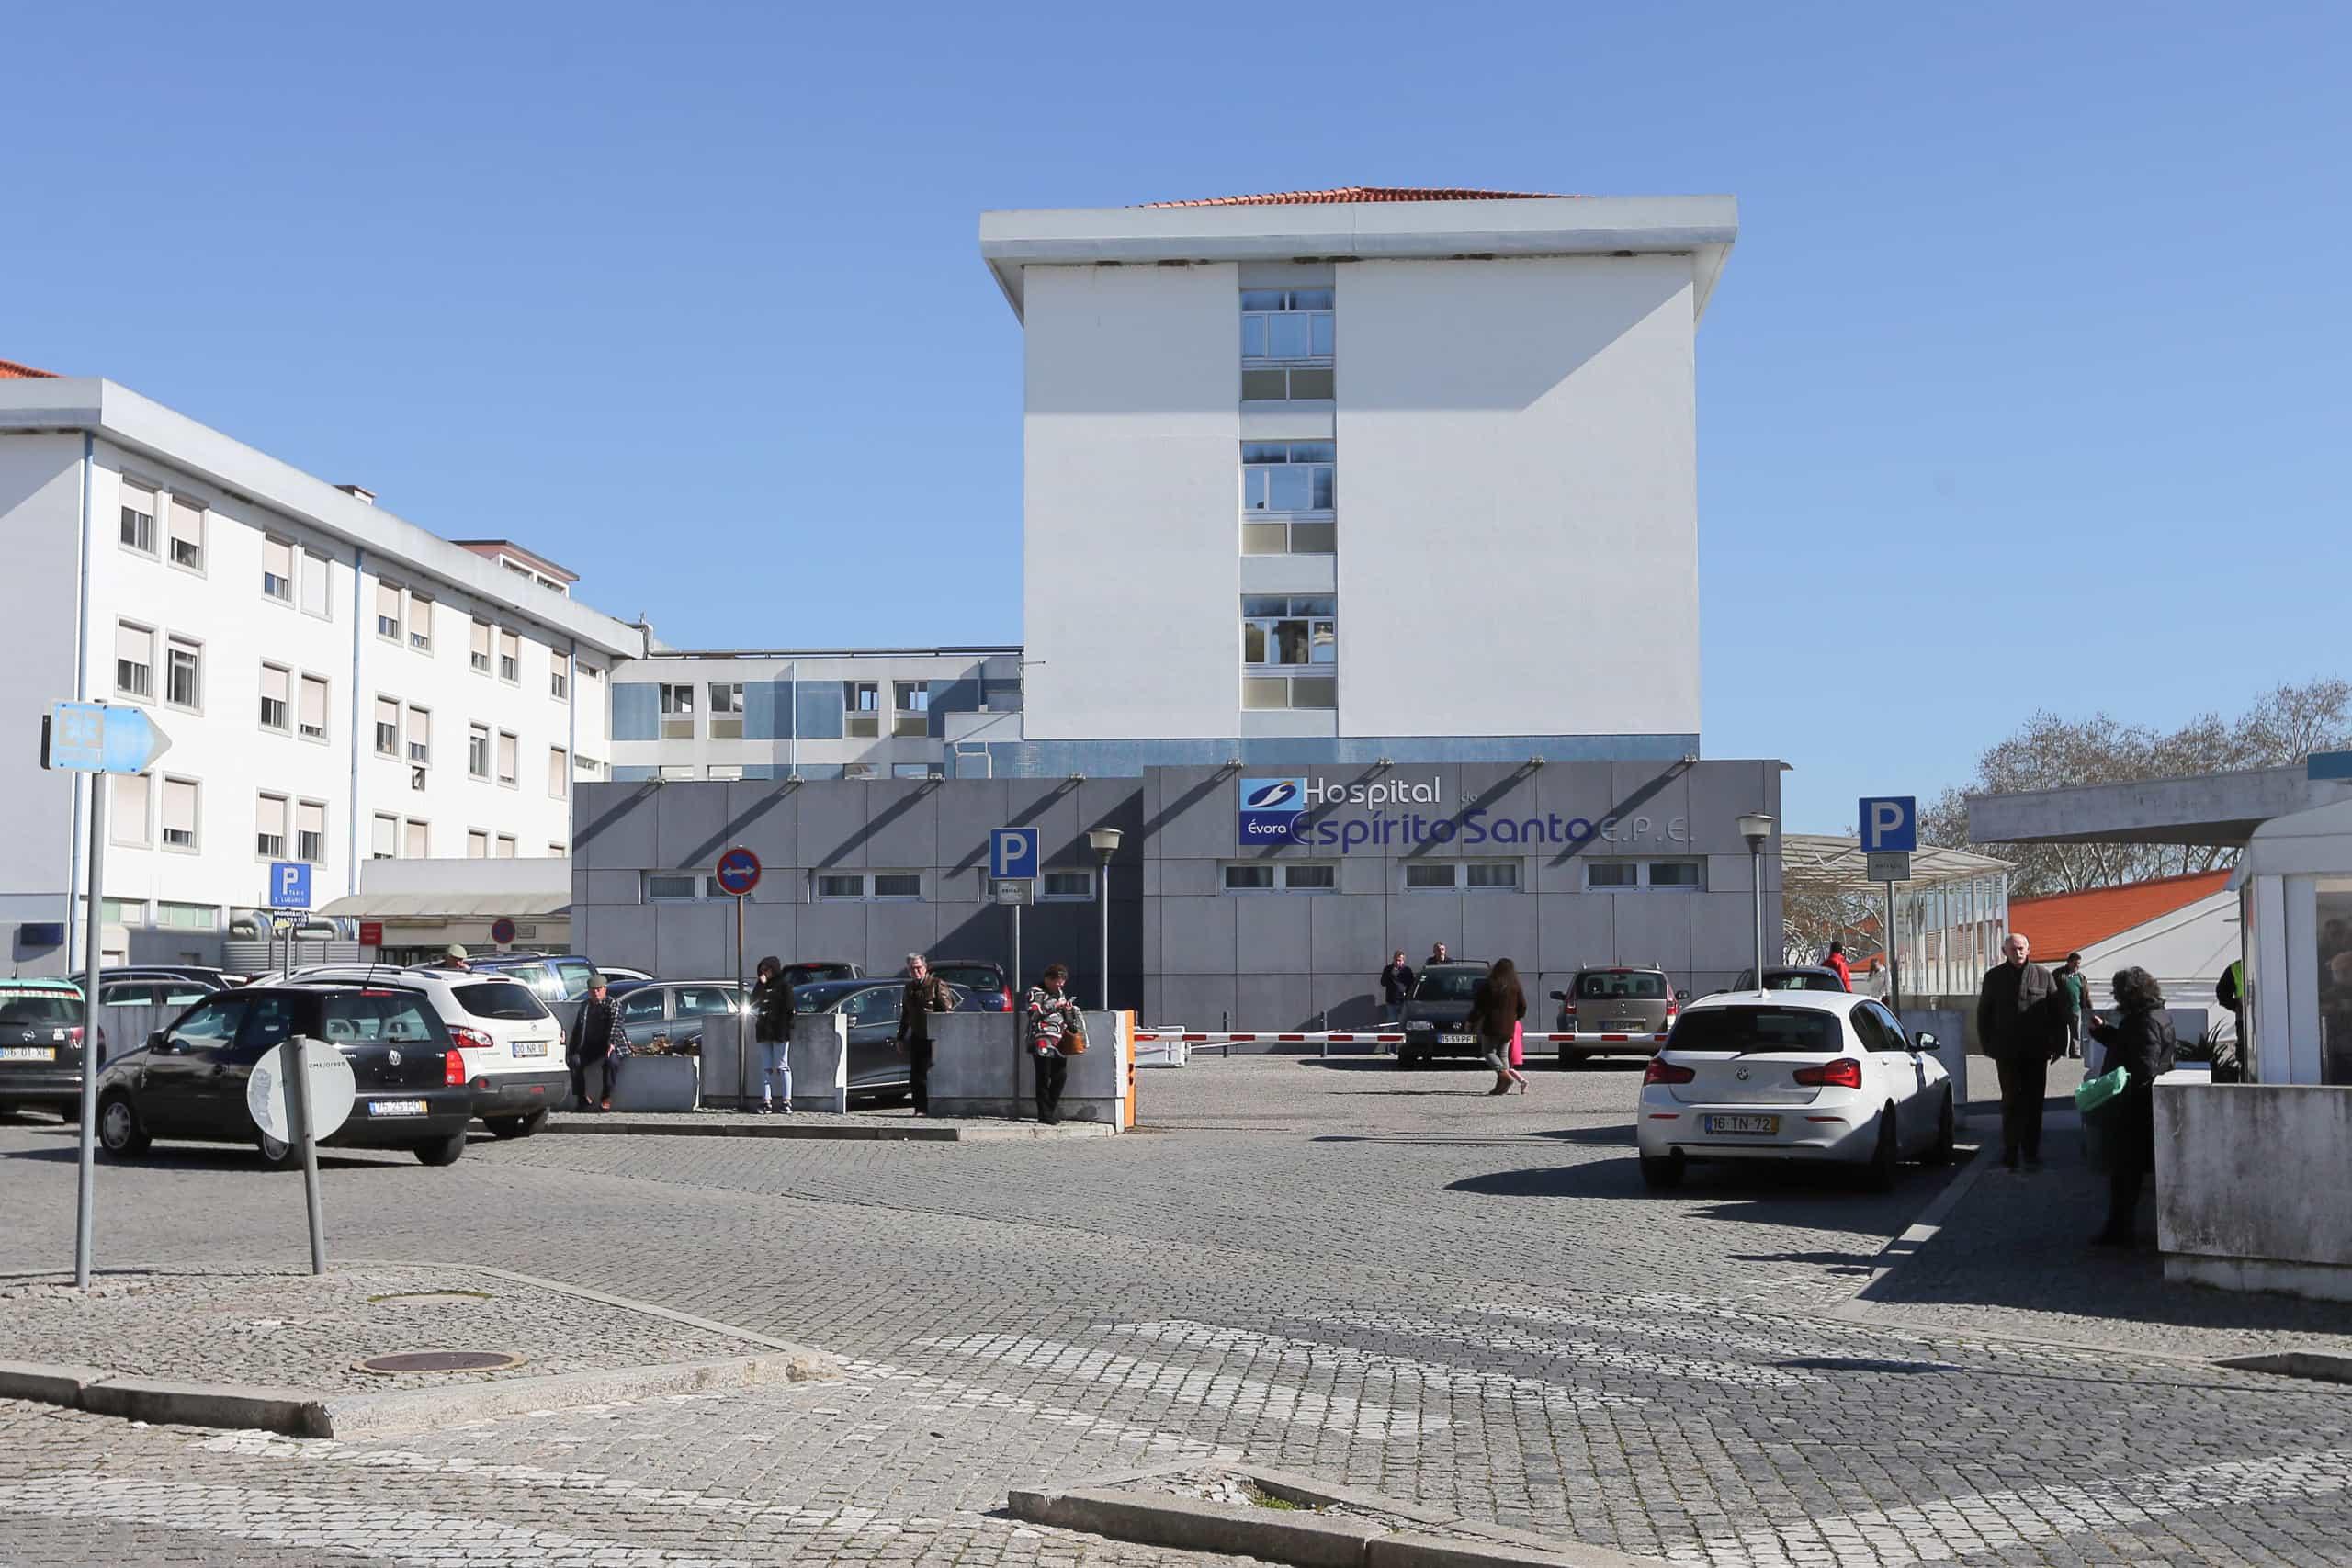 Hospital de Évora descontamina e prevê reabrir cuidados intensivos amanhã